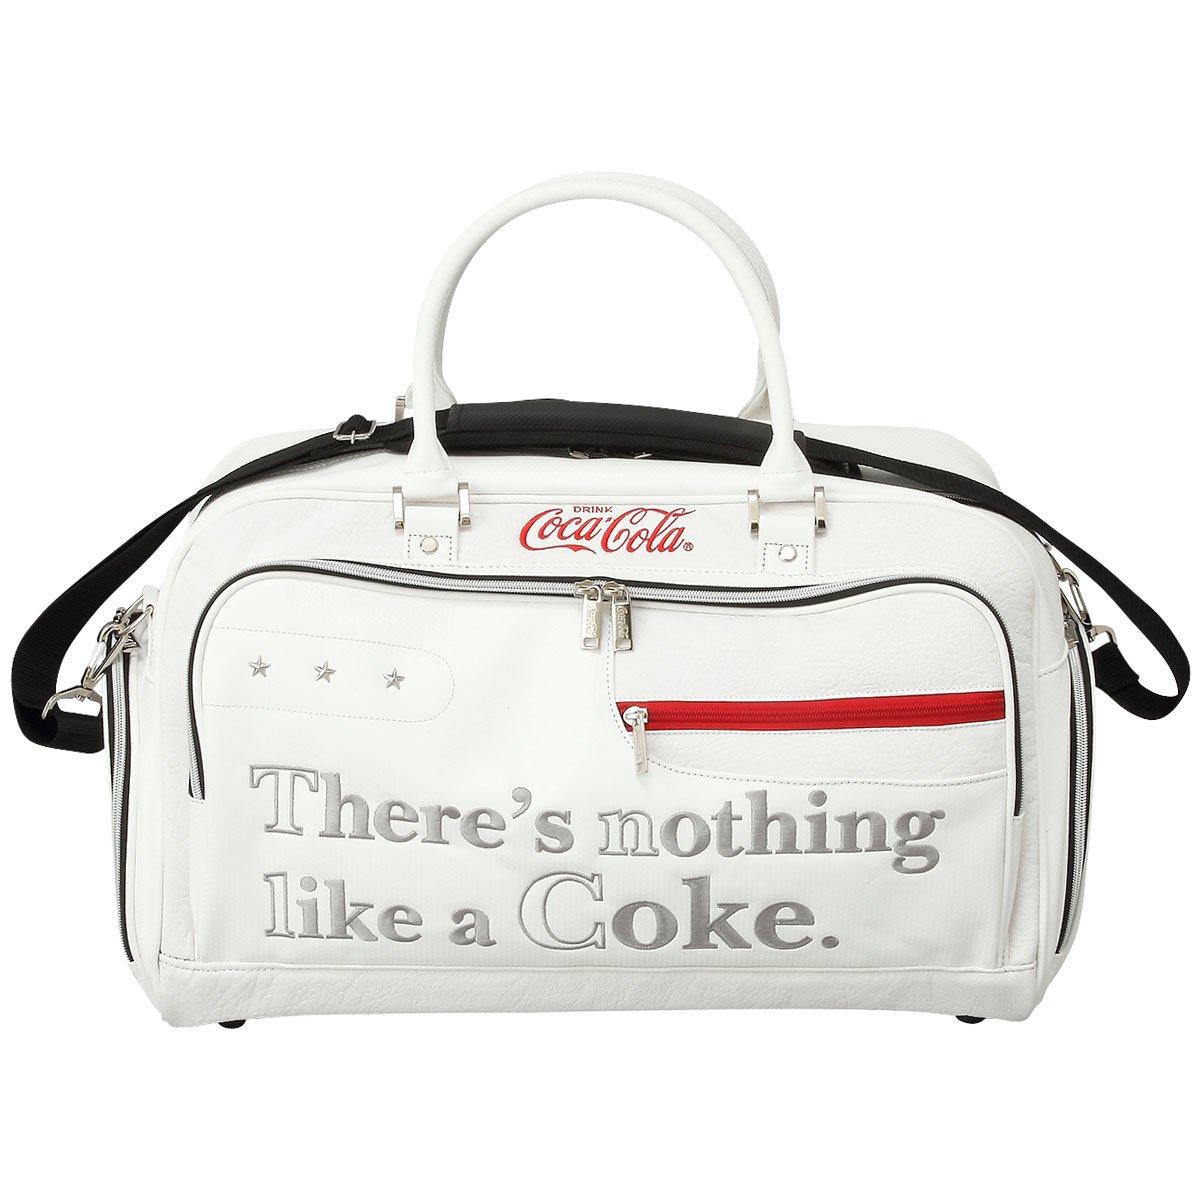 Coca-Cola(コカコーラ) ゴルフ ボストンバッグ ホワイト   B06WVGWD24